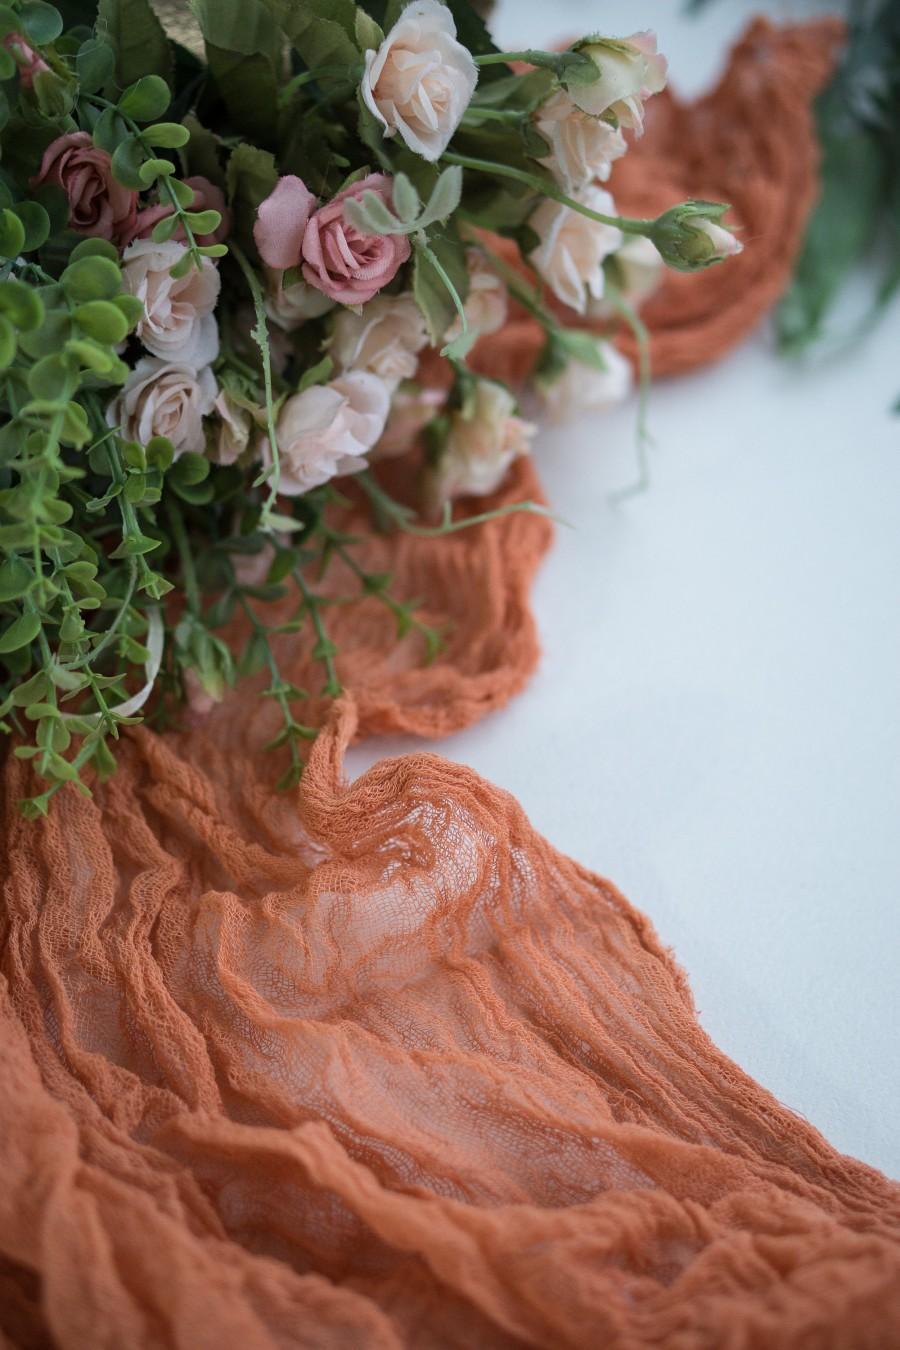 Hochzeit - Terracotta Wedding Gauze Table Runner, Cheesecloth Table Runner, Boho Table Runner, Gauze Party Decor, Boho Wedding Decor, Table Decorations